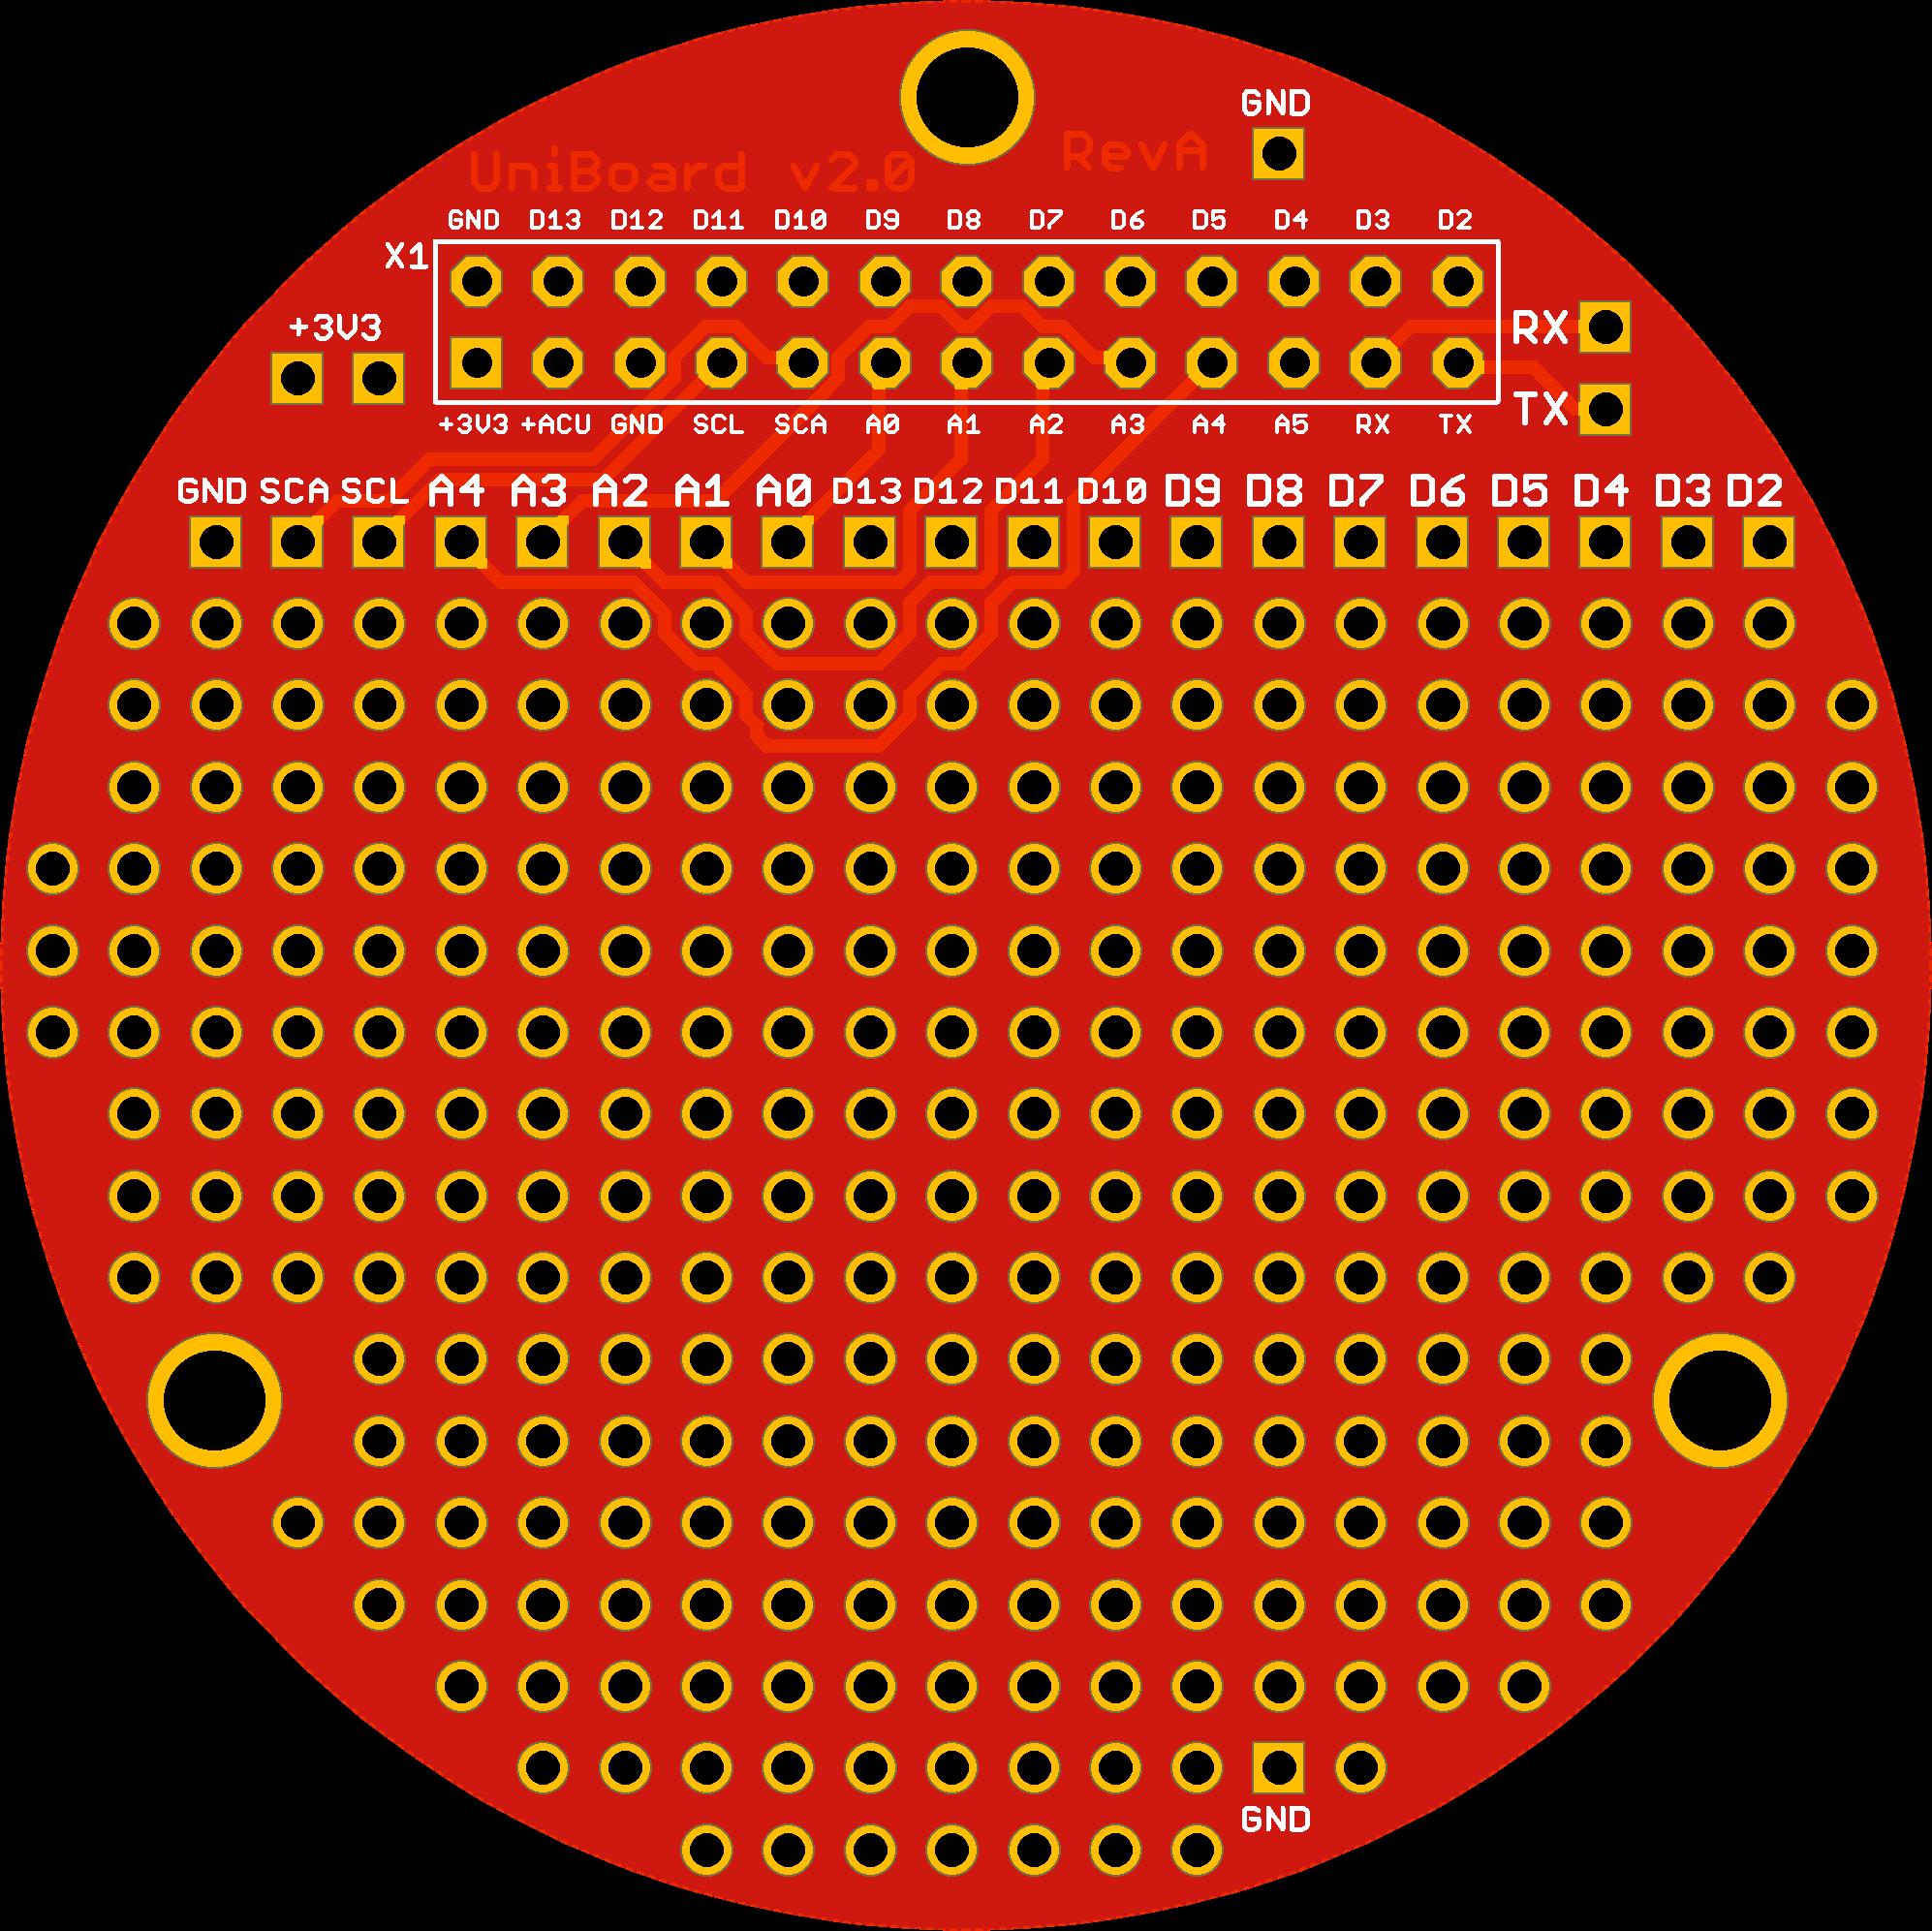 Boards/UniBoard_v2.0_RevA/PNGview/UniBoard_v2.0_RevA_BOT.png